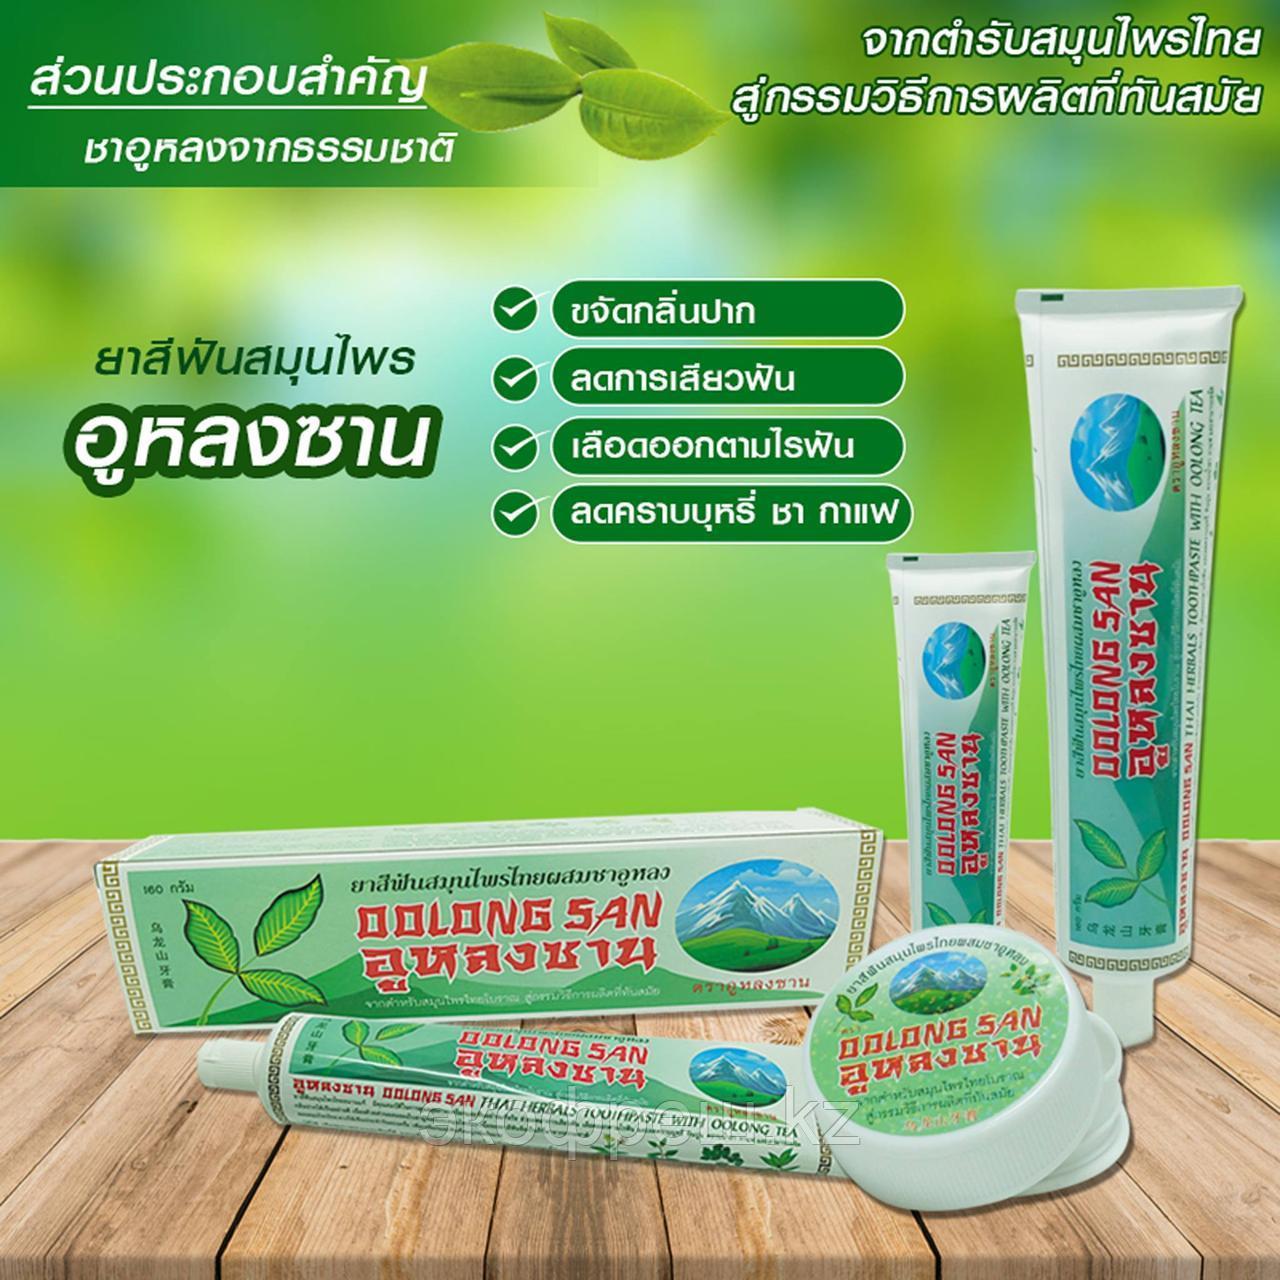 Тайская зубная паста с экстактом Чая Улун Oolong San Thai Herbal Toothpaste With Oolong Tea 160